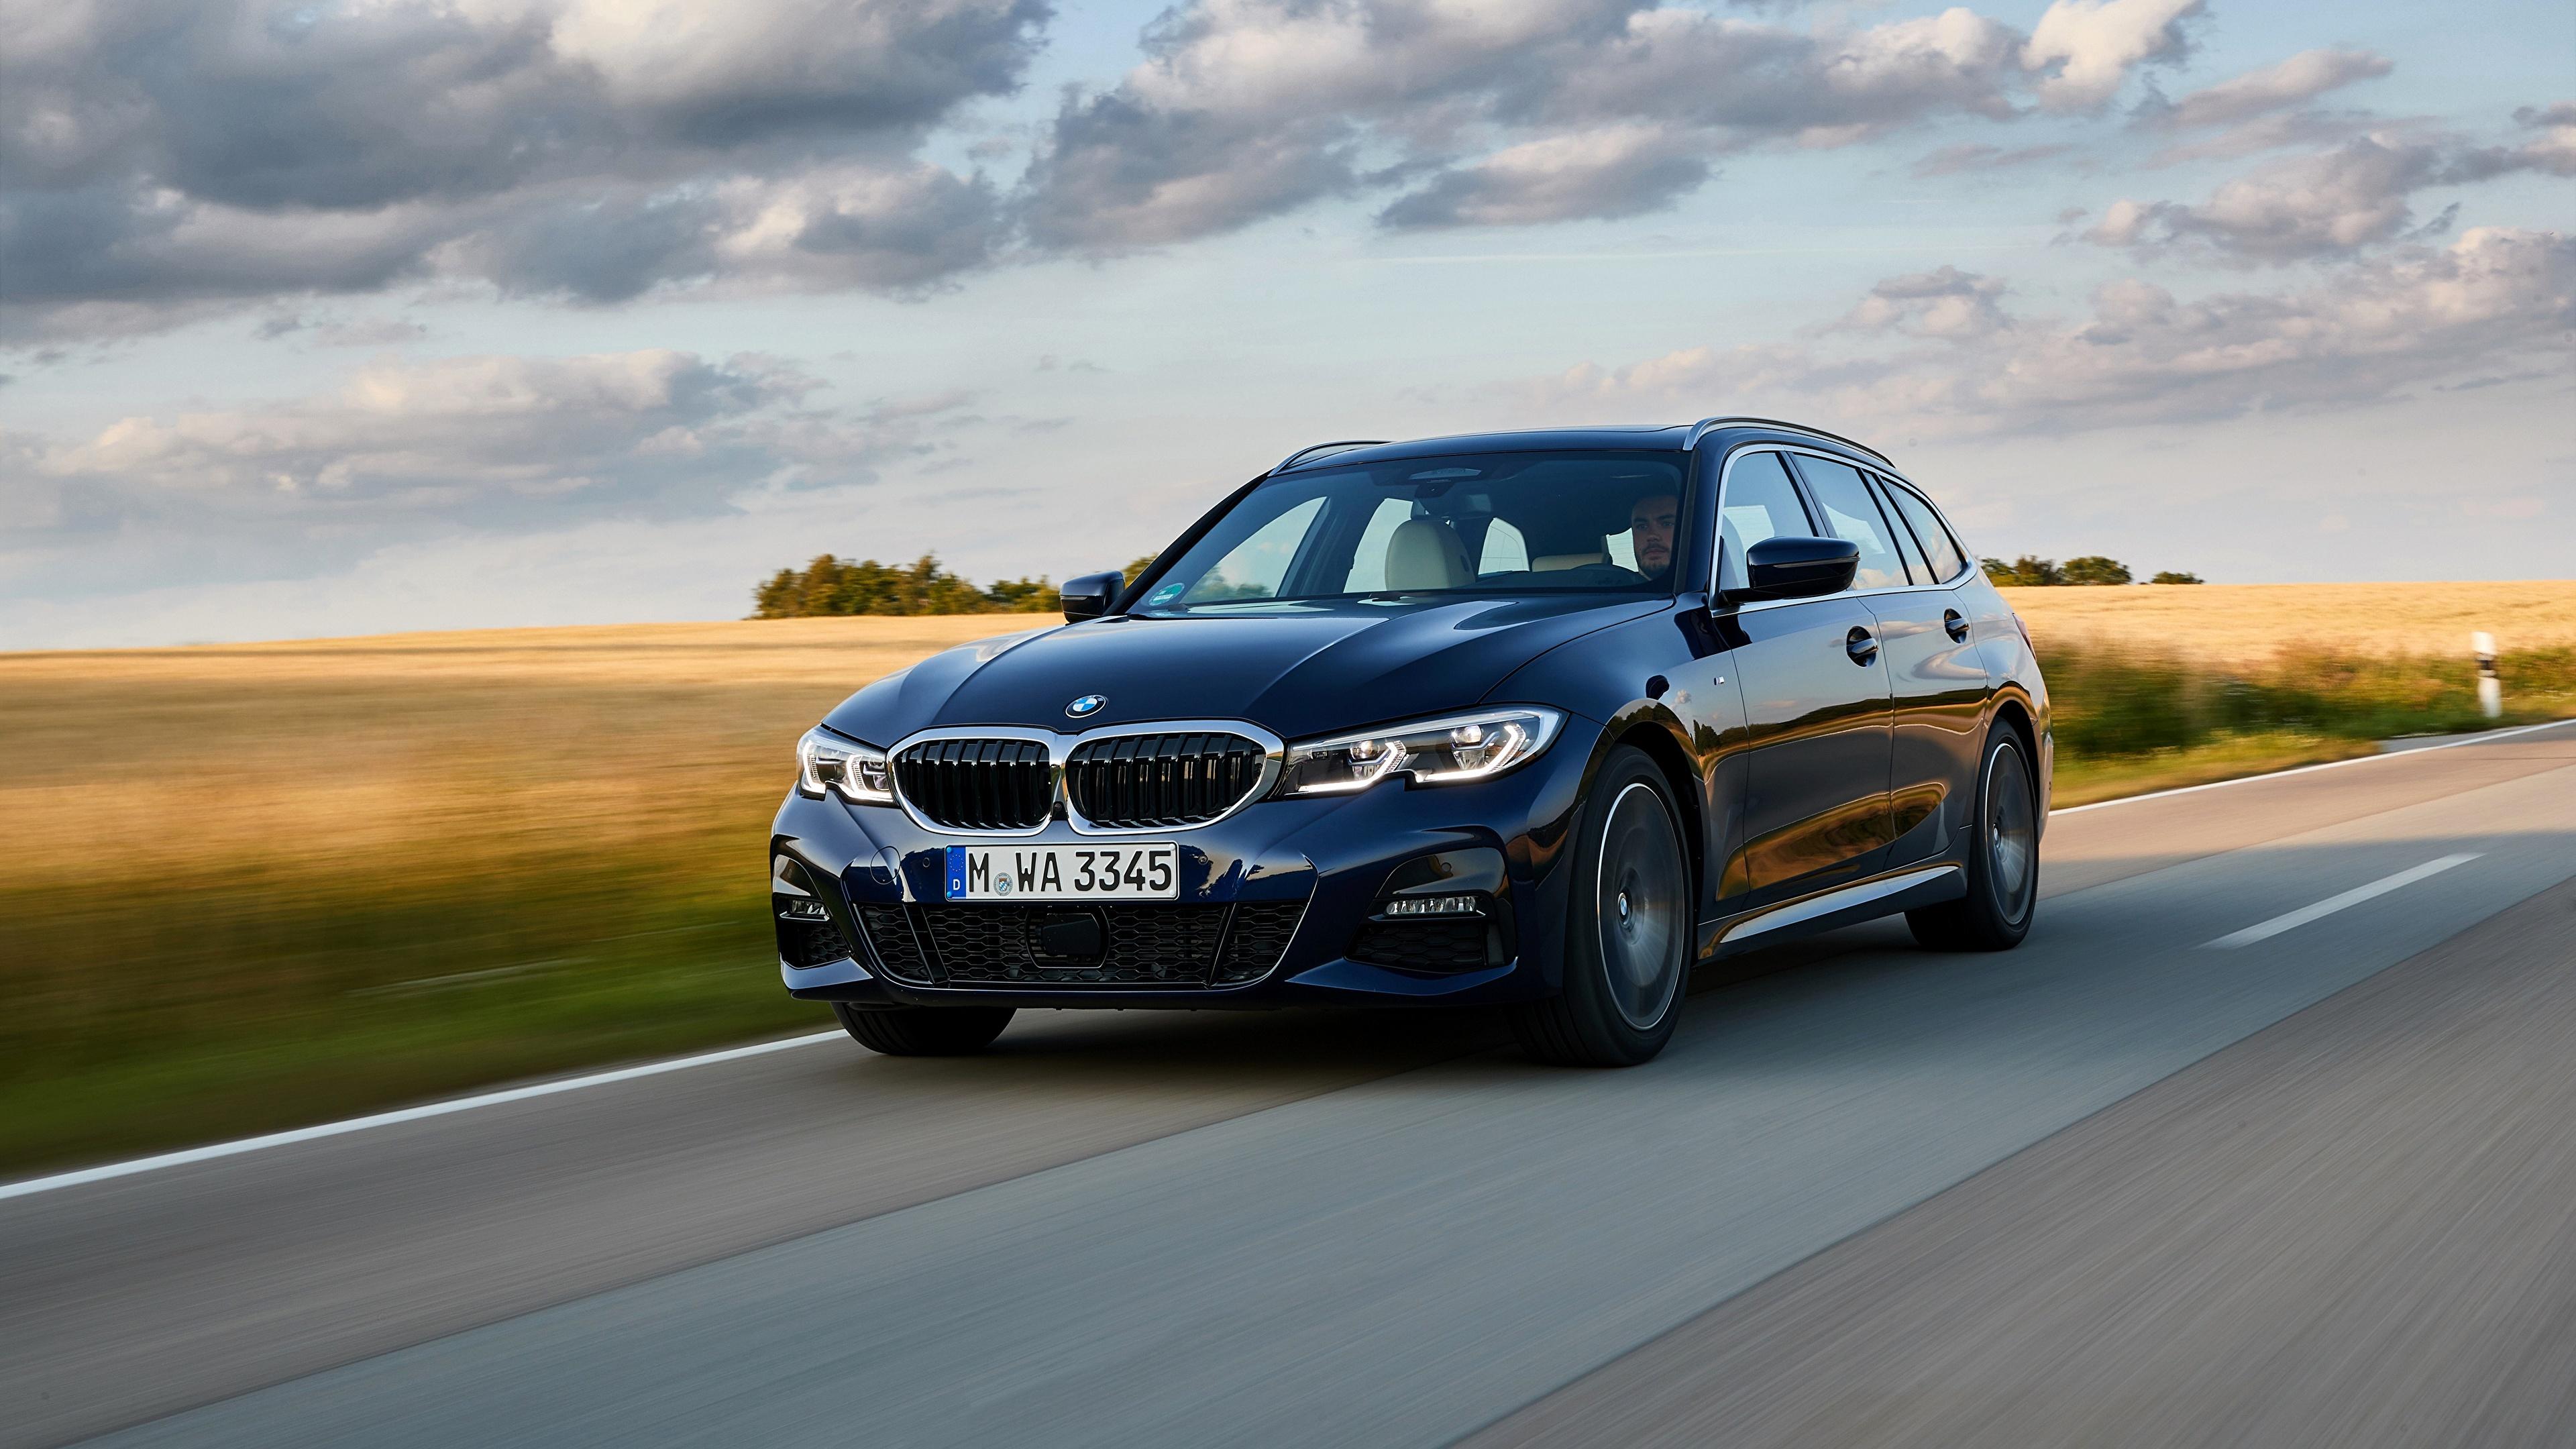 Картинка БМВ Универсал 3er 2020 G21 330d xDrive Touring синяя едущая Автомобили 3840x2160 BMW синих синие Синий едет едущий Движение скорость авто машина машины автомобиль